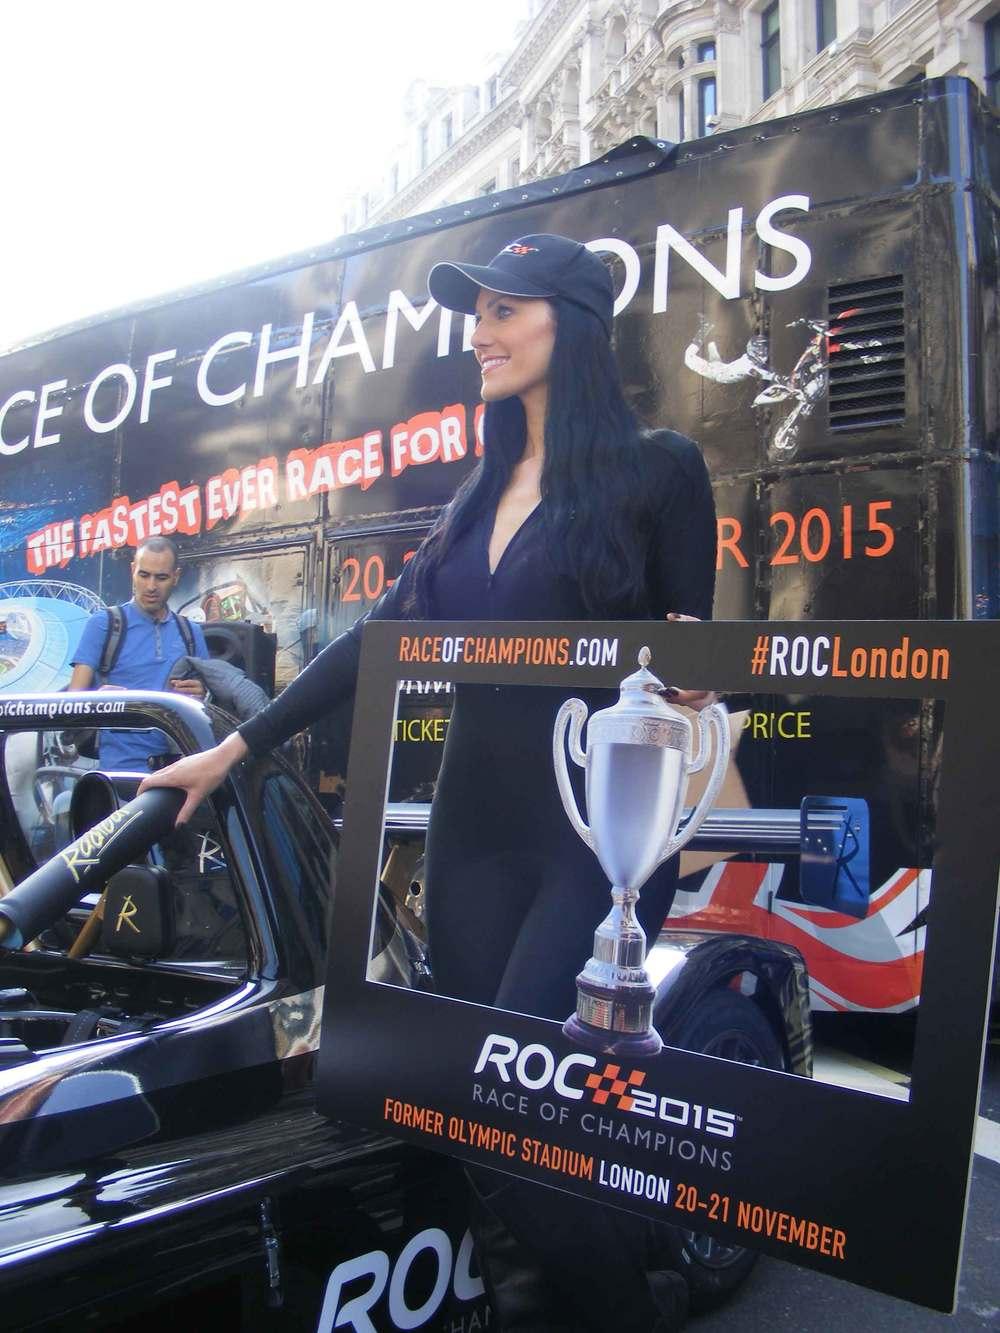 roc-bus-006.jpg